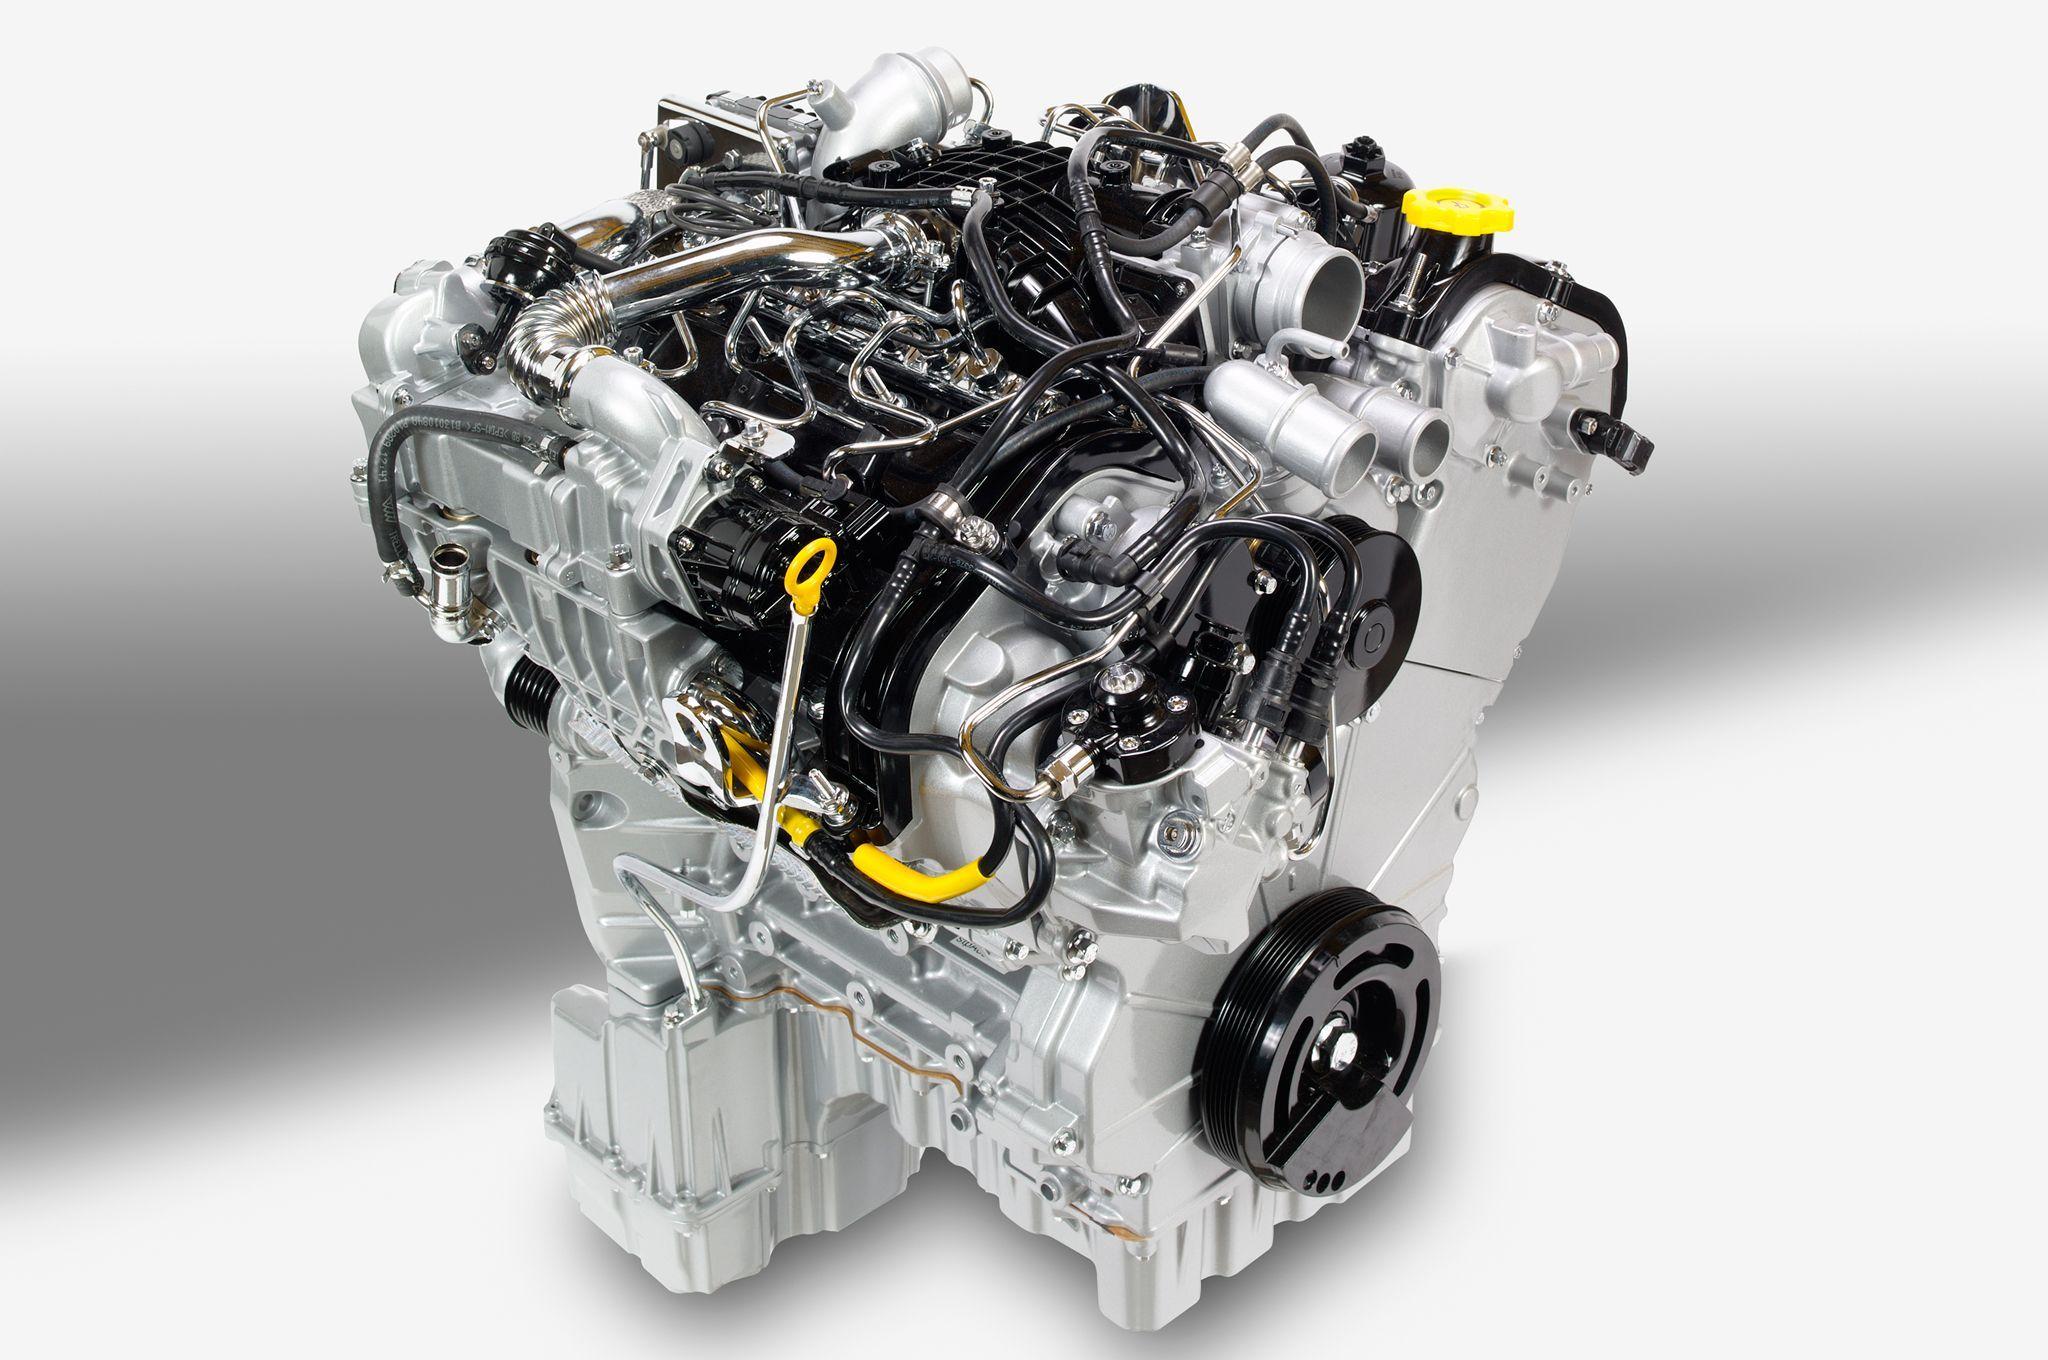 2015 Ram 1500 Ecodiesel V6 Engine Pickup Trucks Diesel Diesel